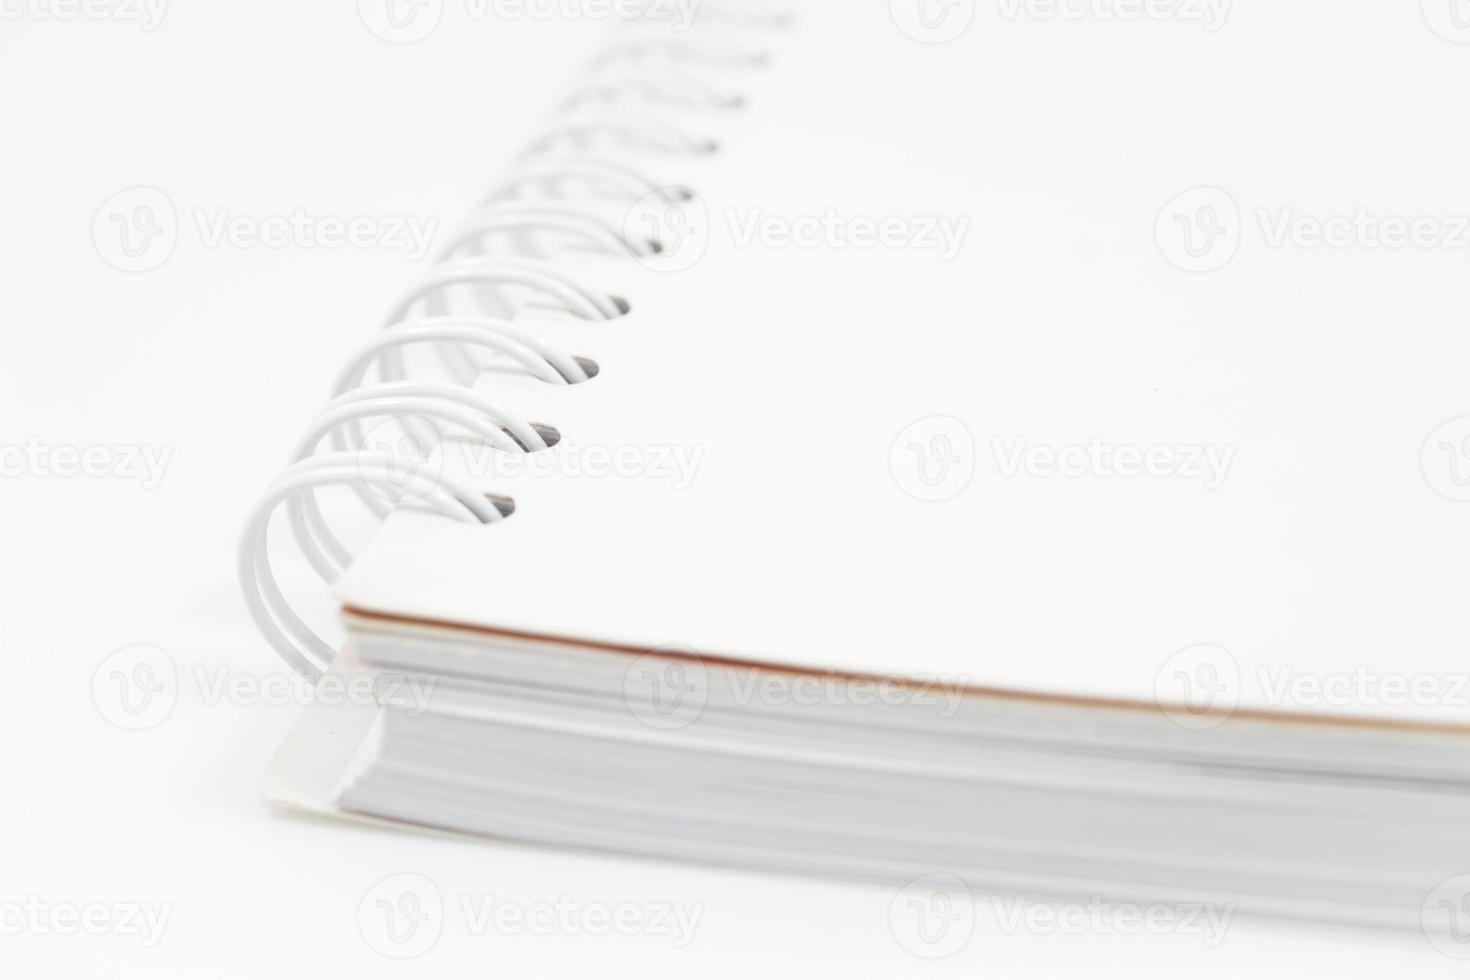 närbild spiral anteckningsbok isolerad på vit bakgrund foto